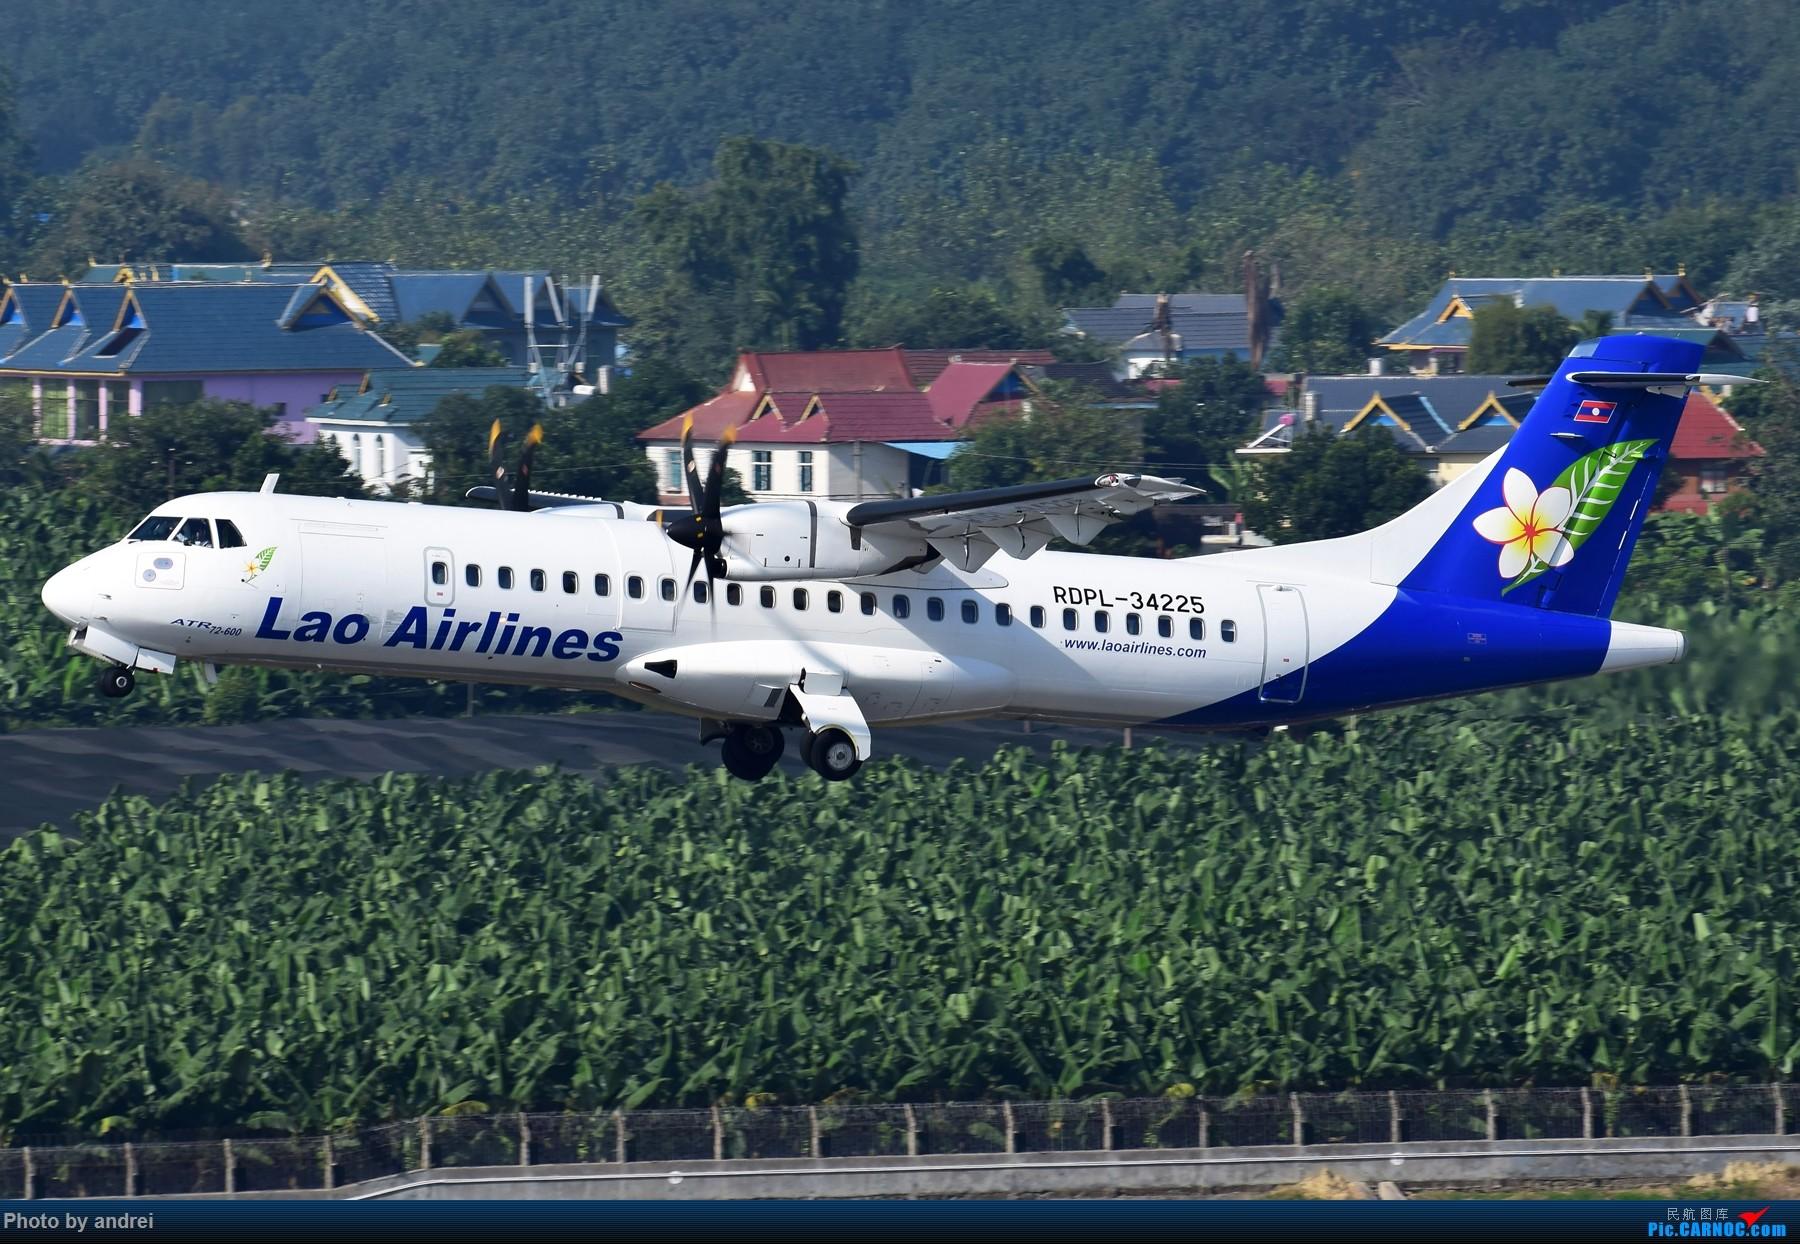 [原创]看到一个个尘封的ID都蹦出来了,也来Mark 2014 ATR-72-600 RDPL-34225 中国西双版纳嘎洒机场